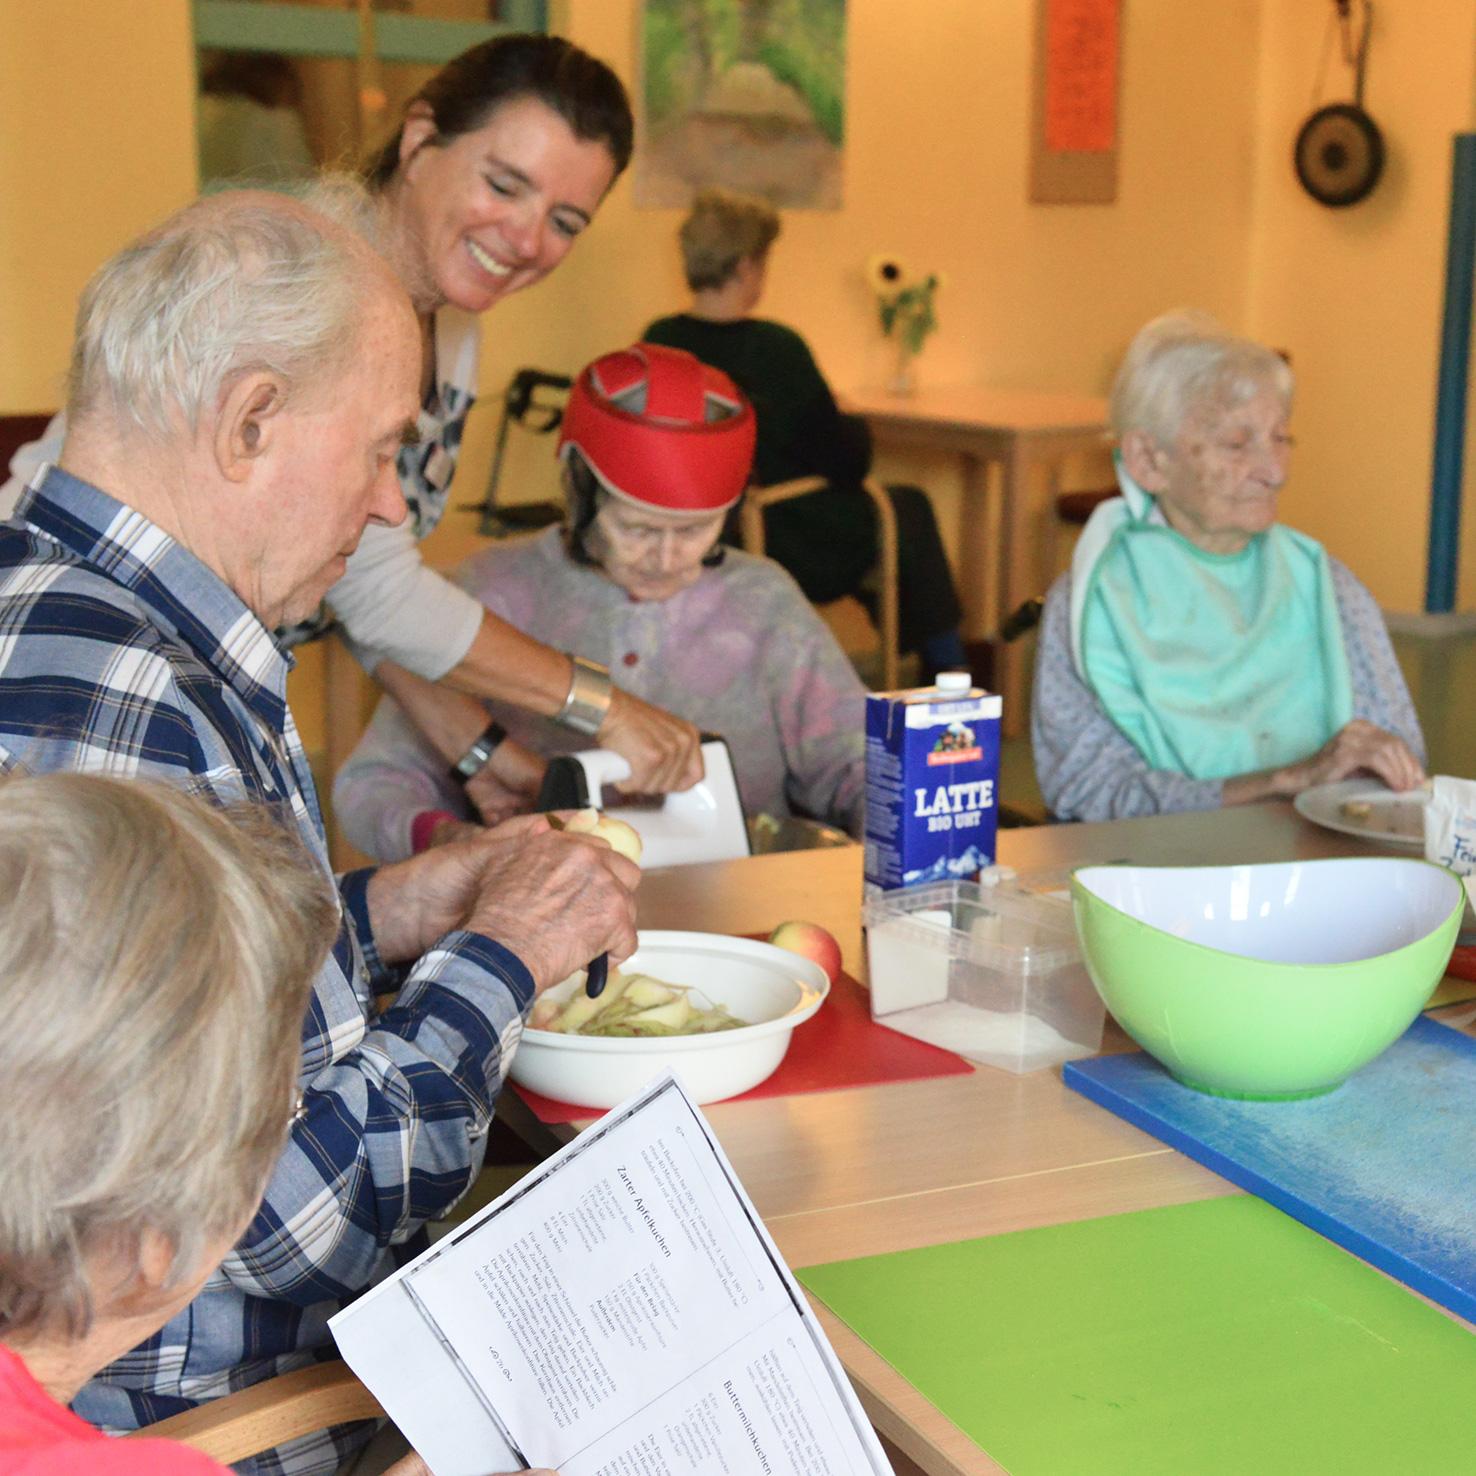 Leben ist Rhythmus. Rhythmus gibt uns Orientierung - und in besonderer Weise gilt dies für alte Menschen.